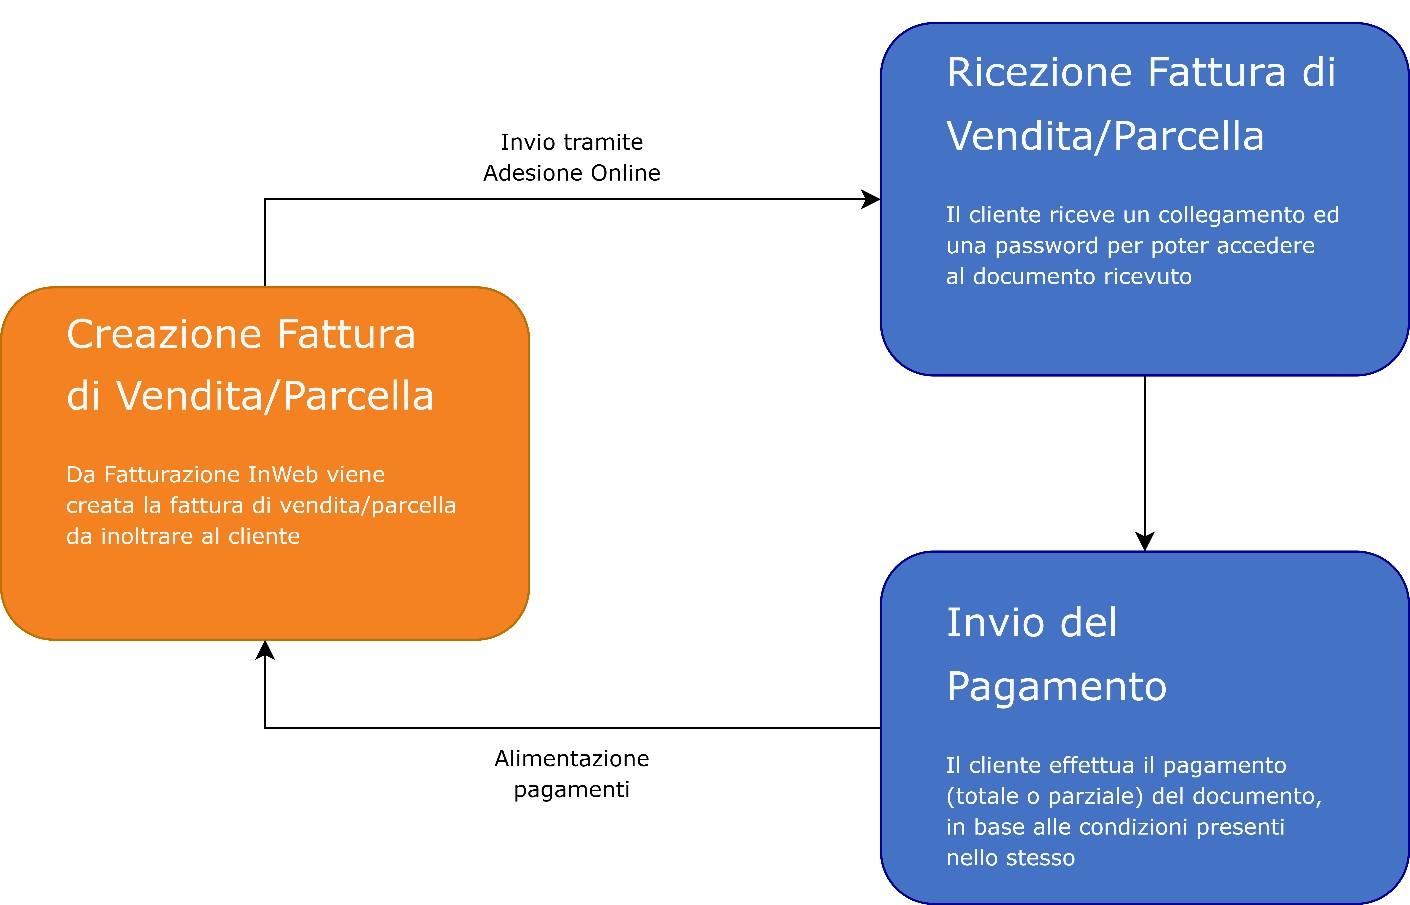 Fatturazione inWeb: invio documenti tramite Adesione Online: procedura fatture parcelle